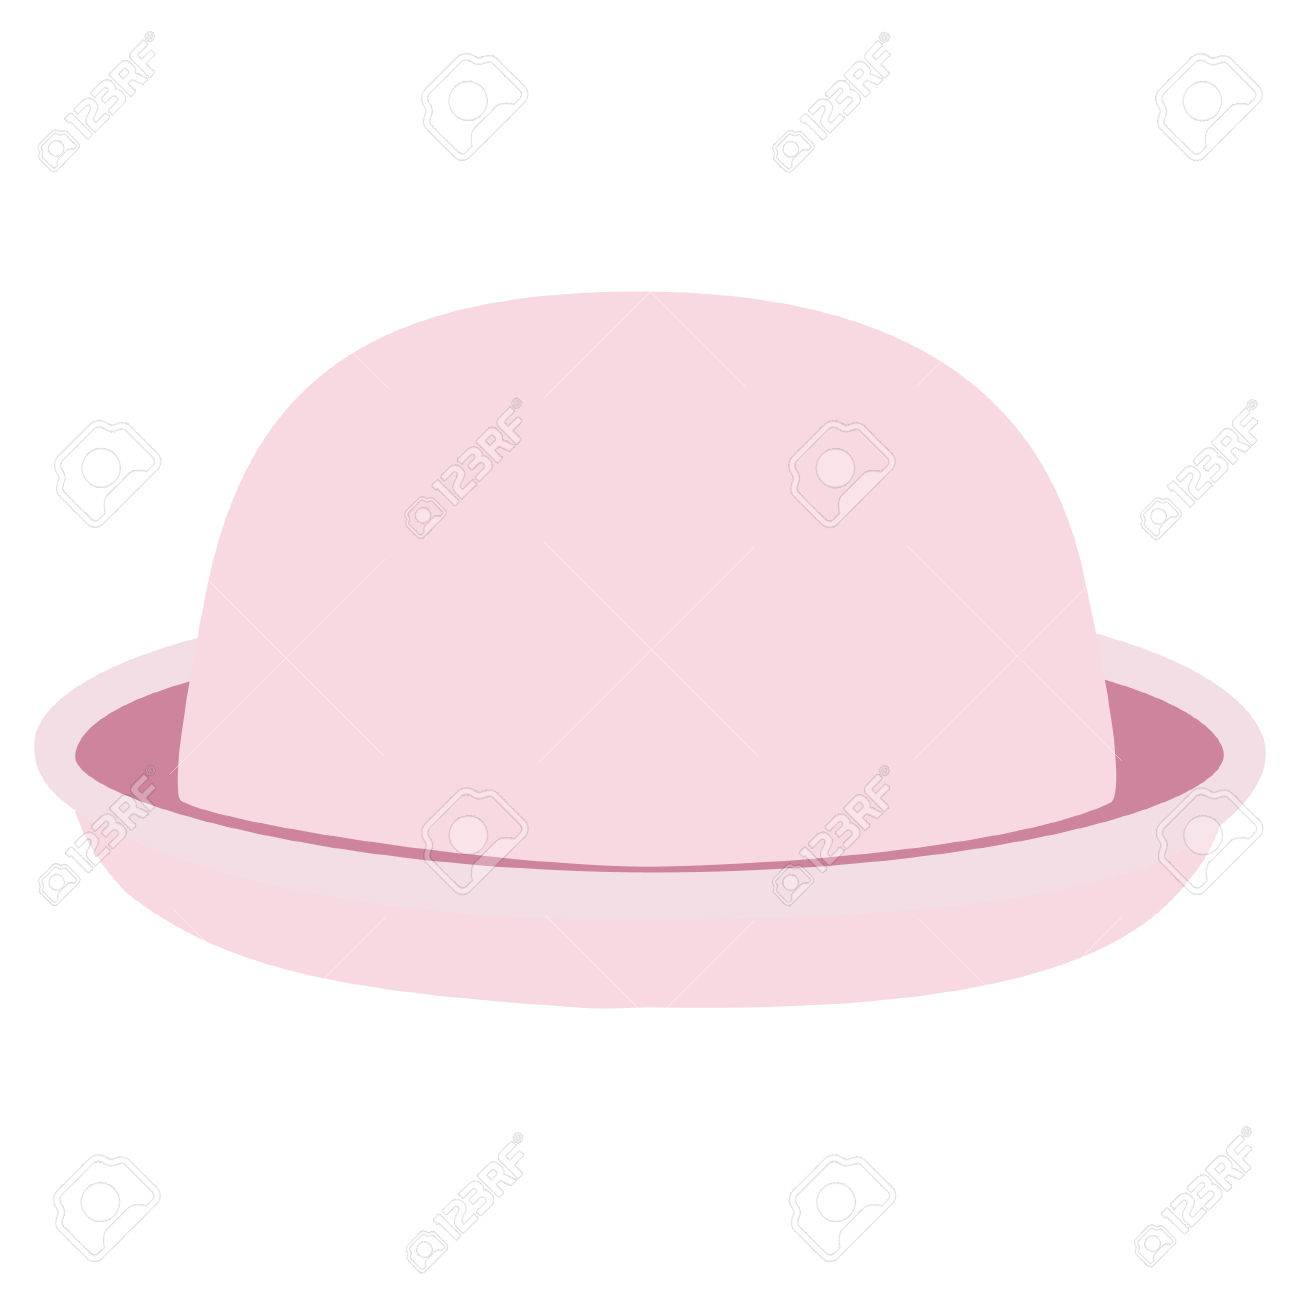 b4770f9c18e Pink Woman Bowler Hat. Derby Hat. Fashion